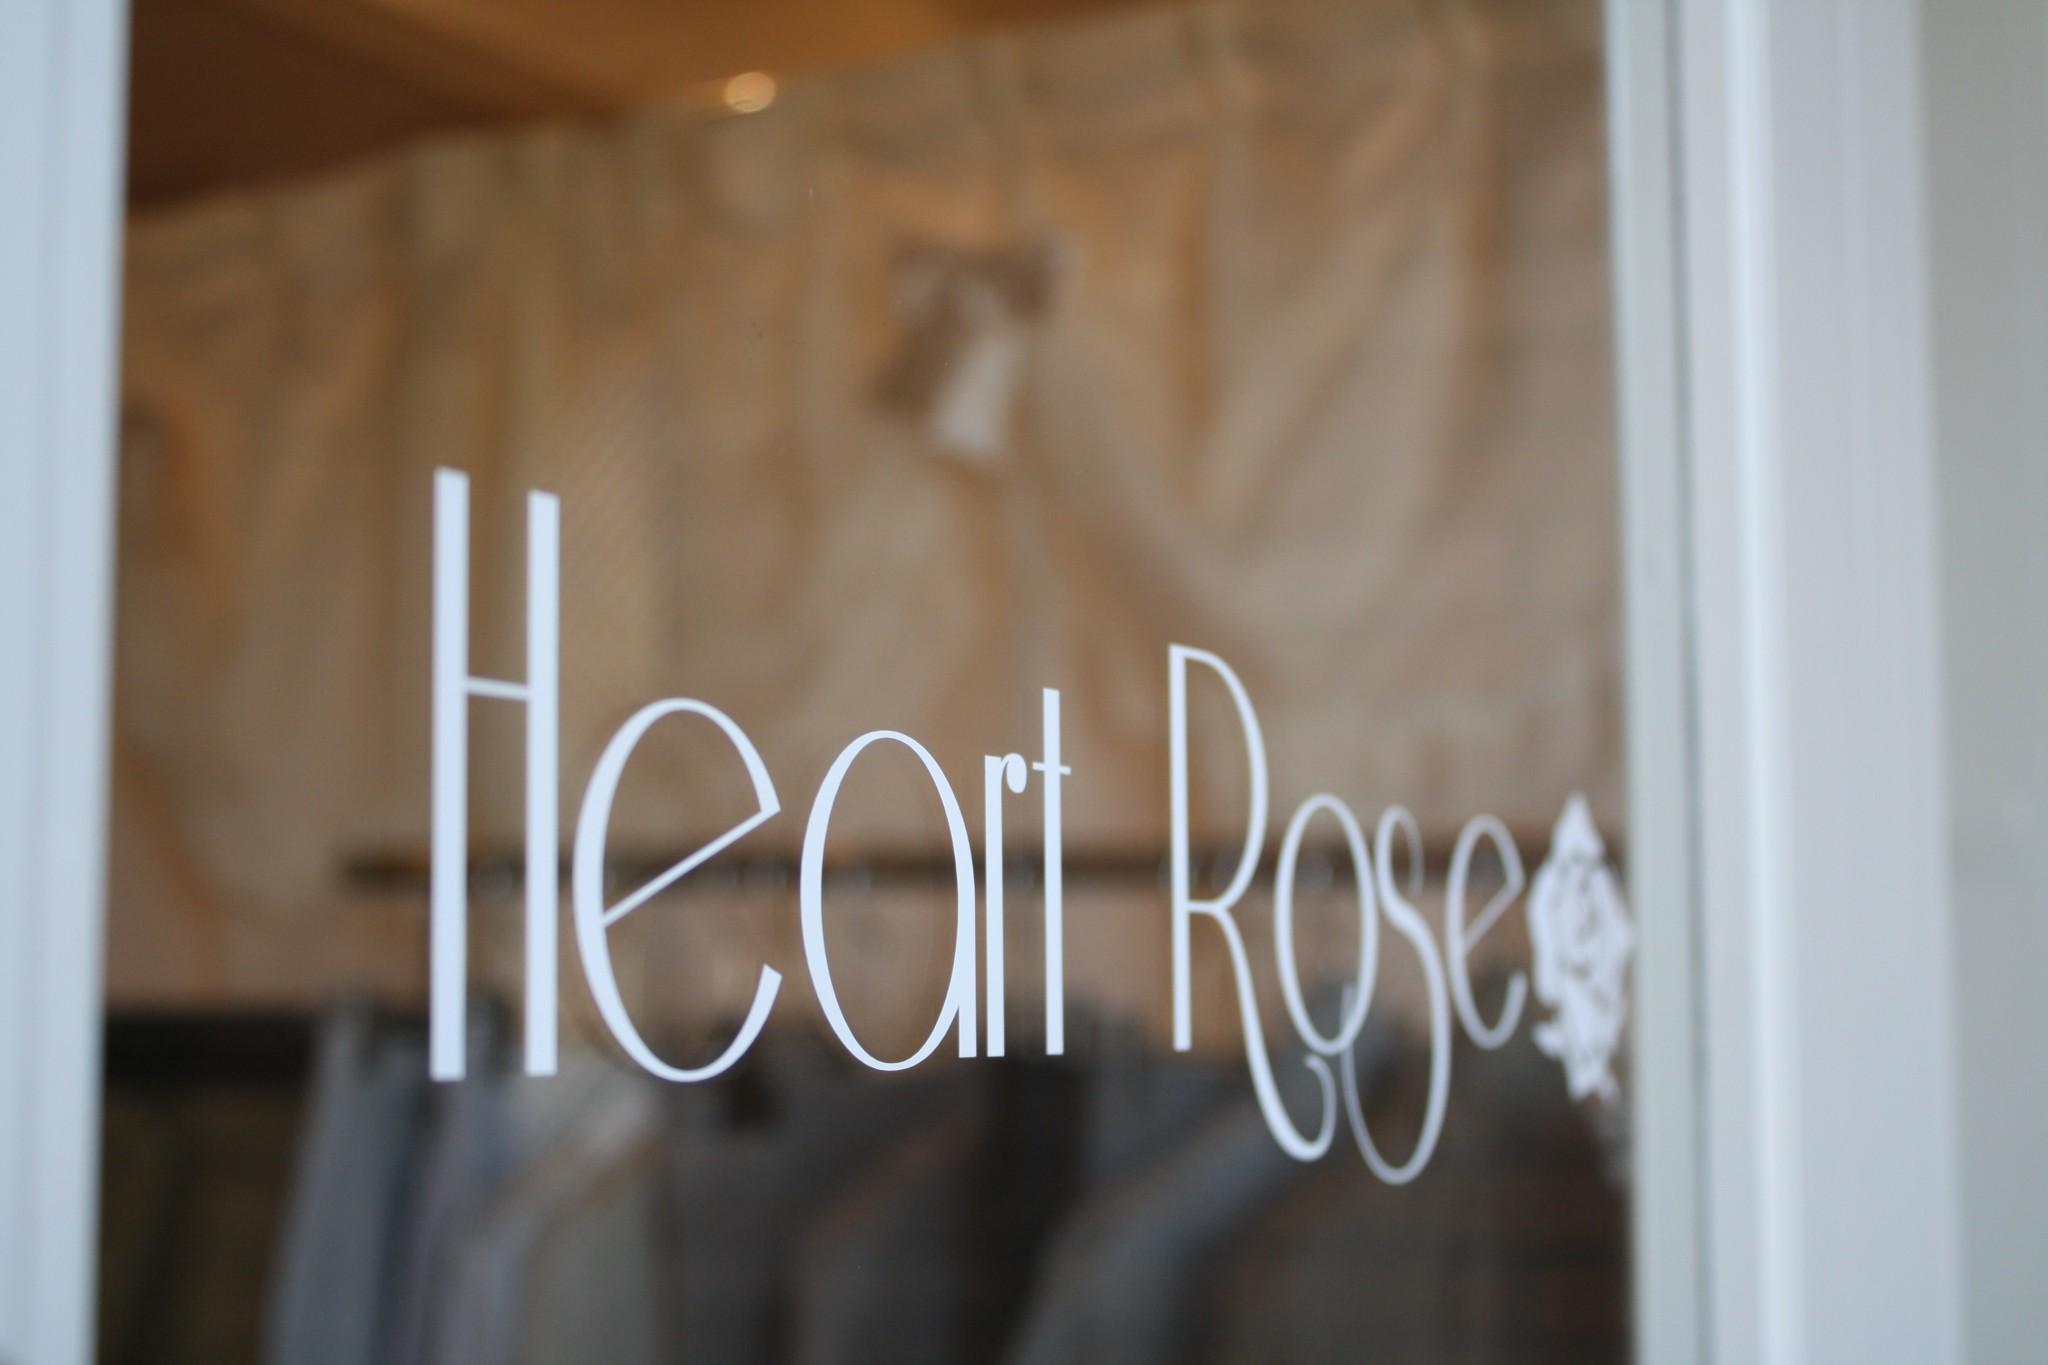 Heart Rose入口